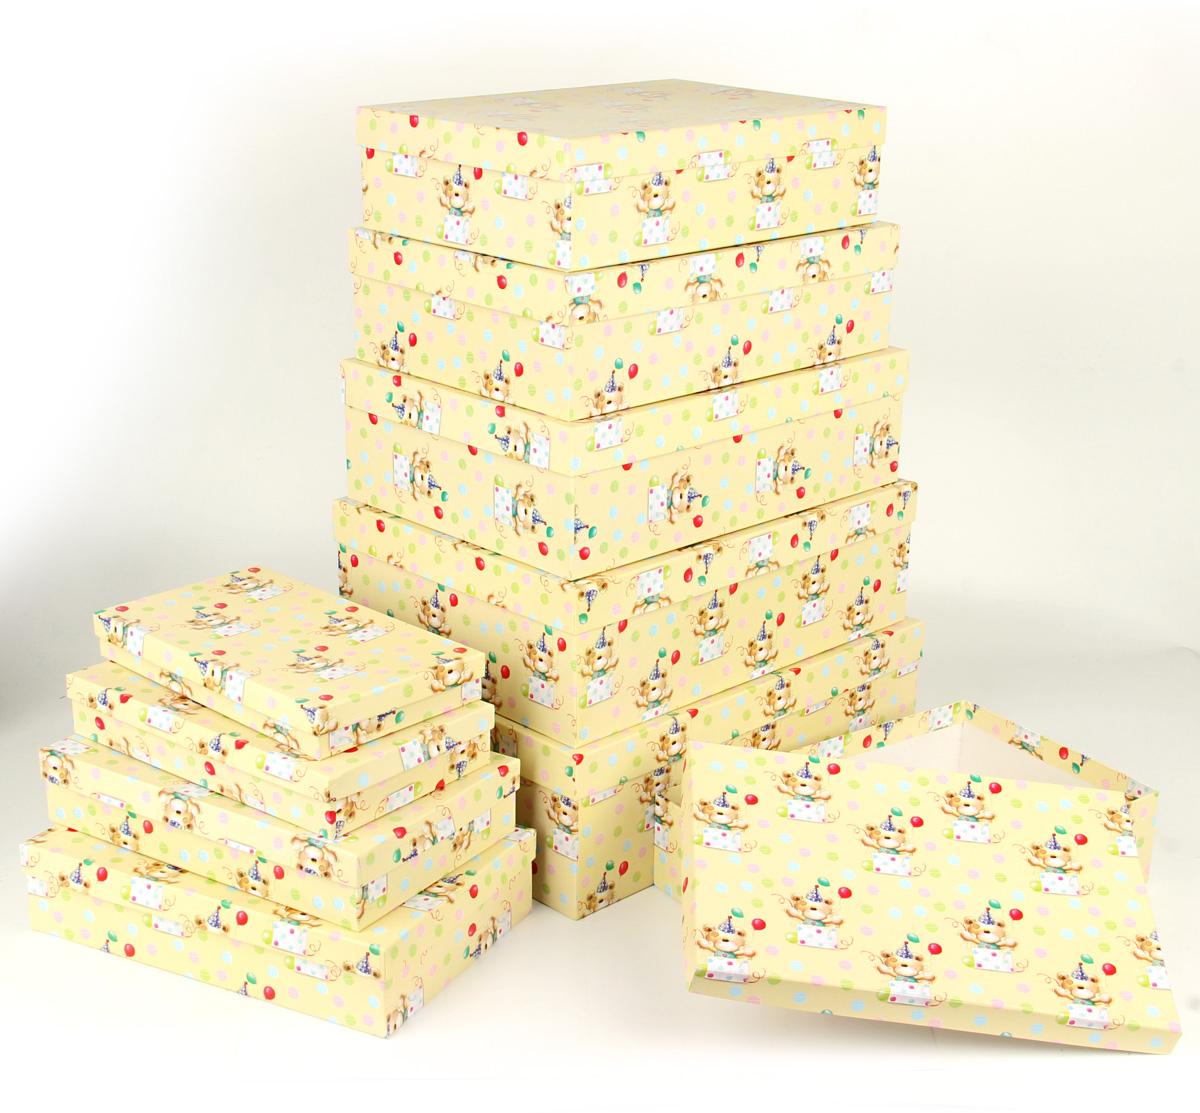 Набор подарочных коробок Veld-Co С днем варенья, 10 шт набор подарочных коробок veld co с днем варенья круглые 4 шт